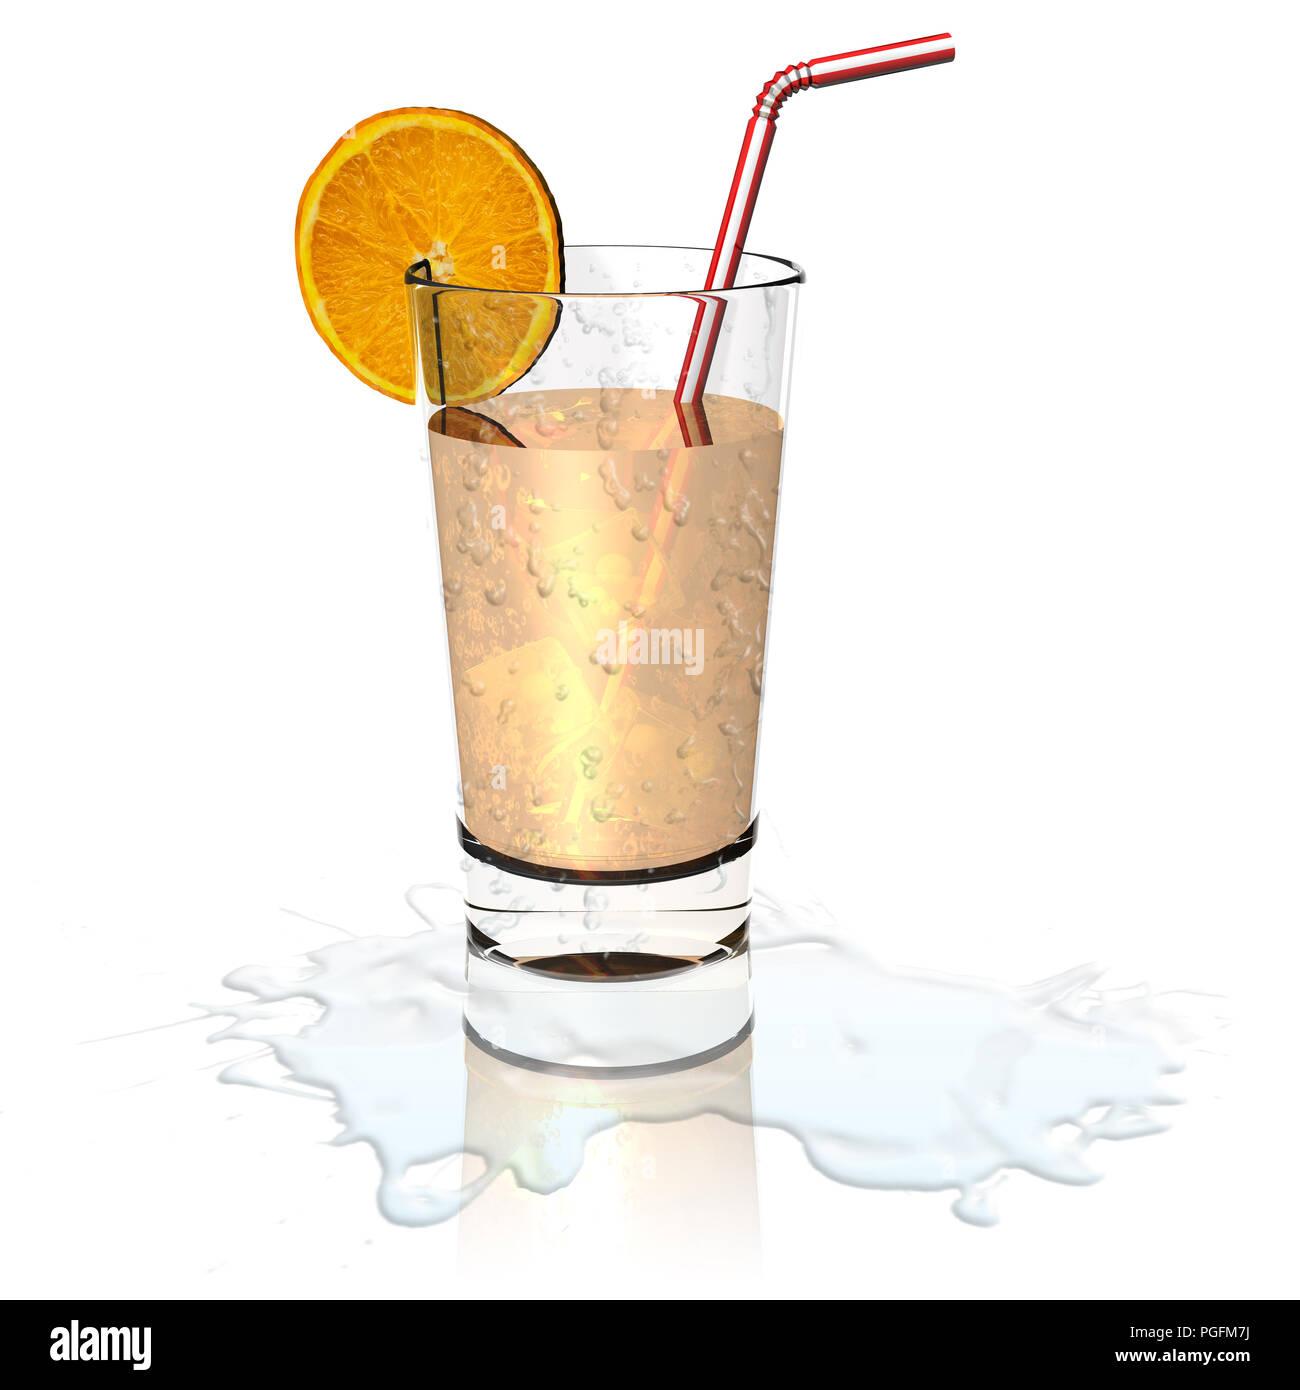 3D illustration. Glass of fresh and refreshing orange juice. - Stock Image